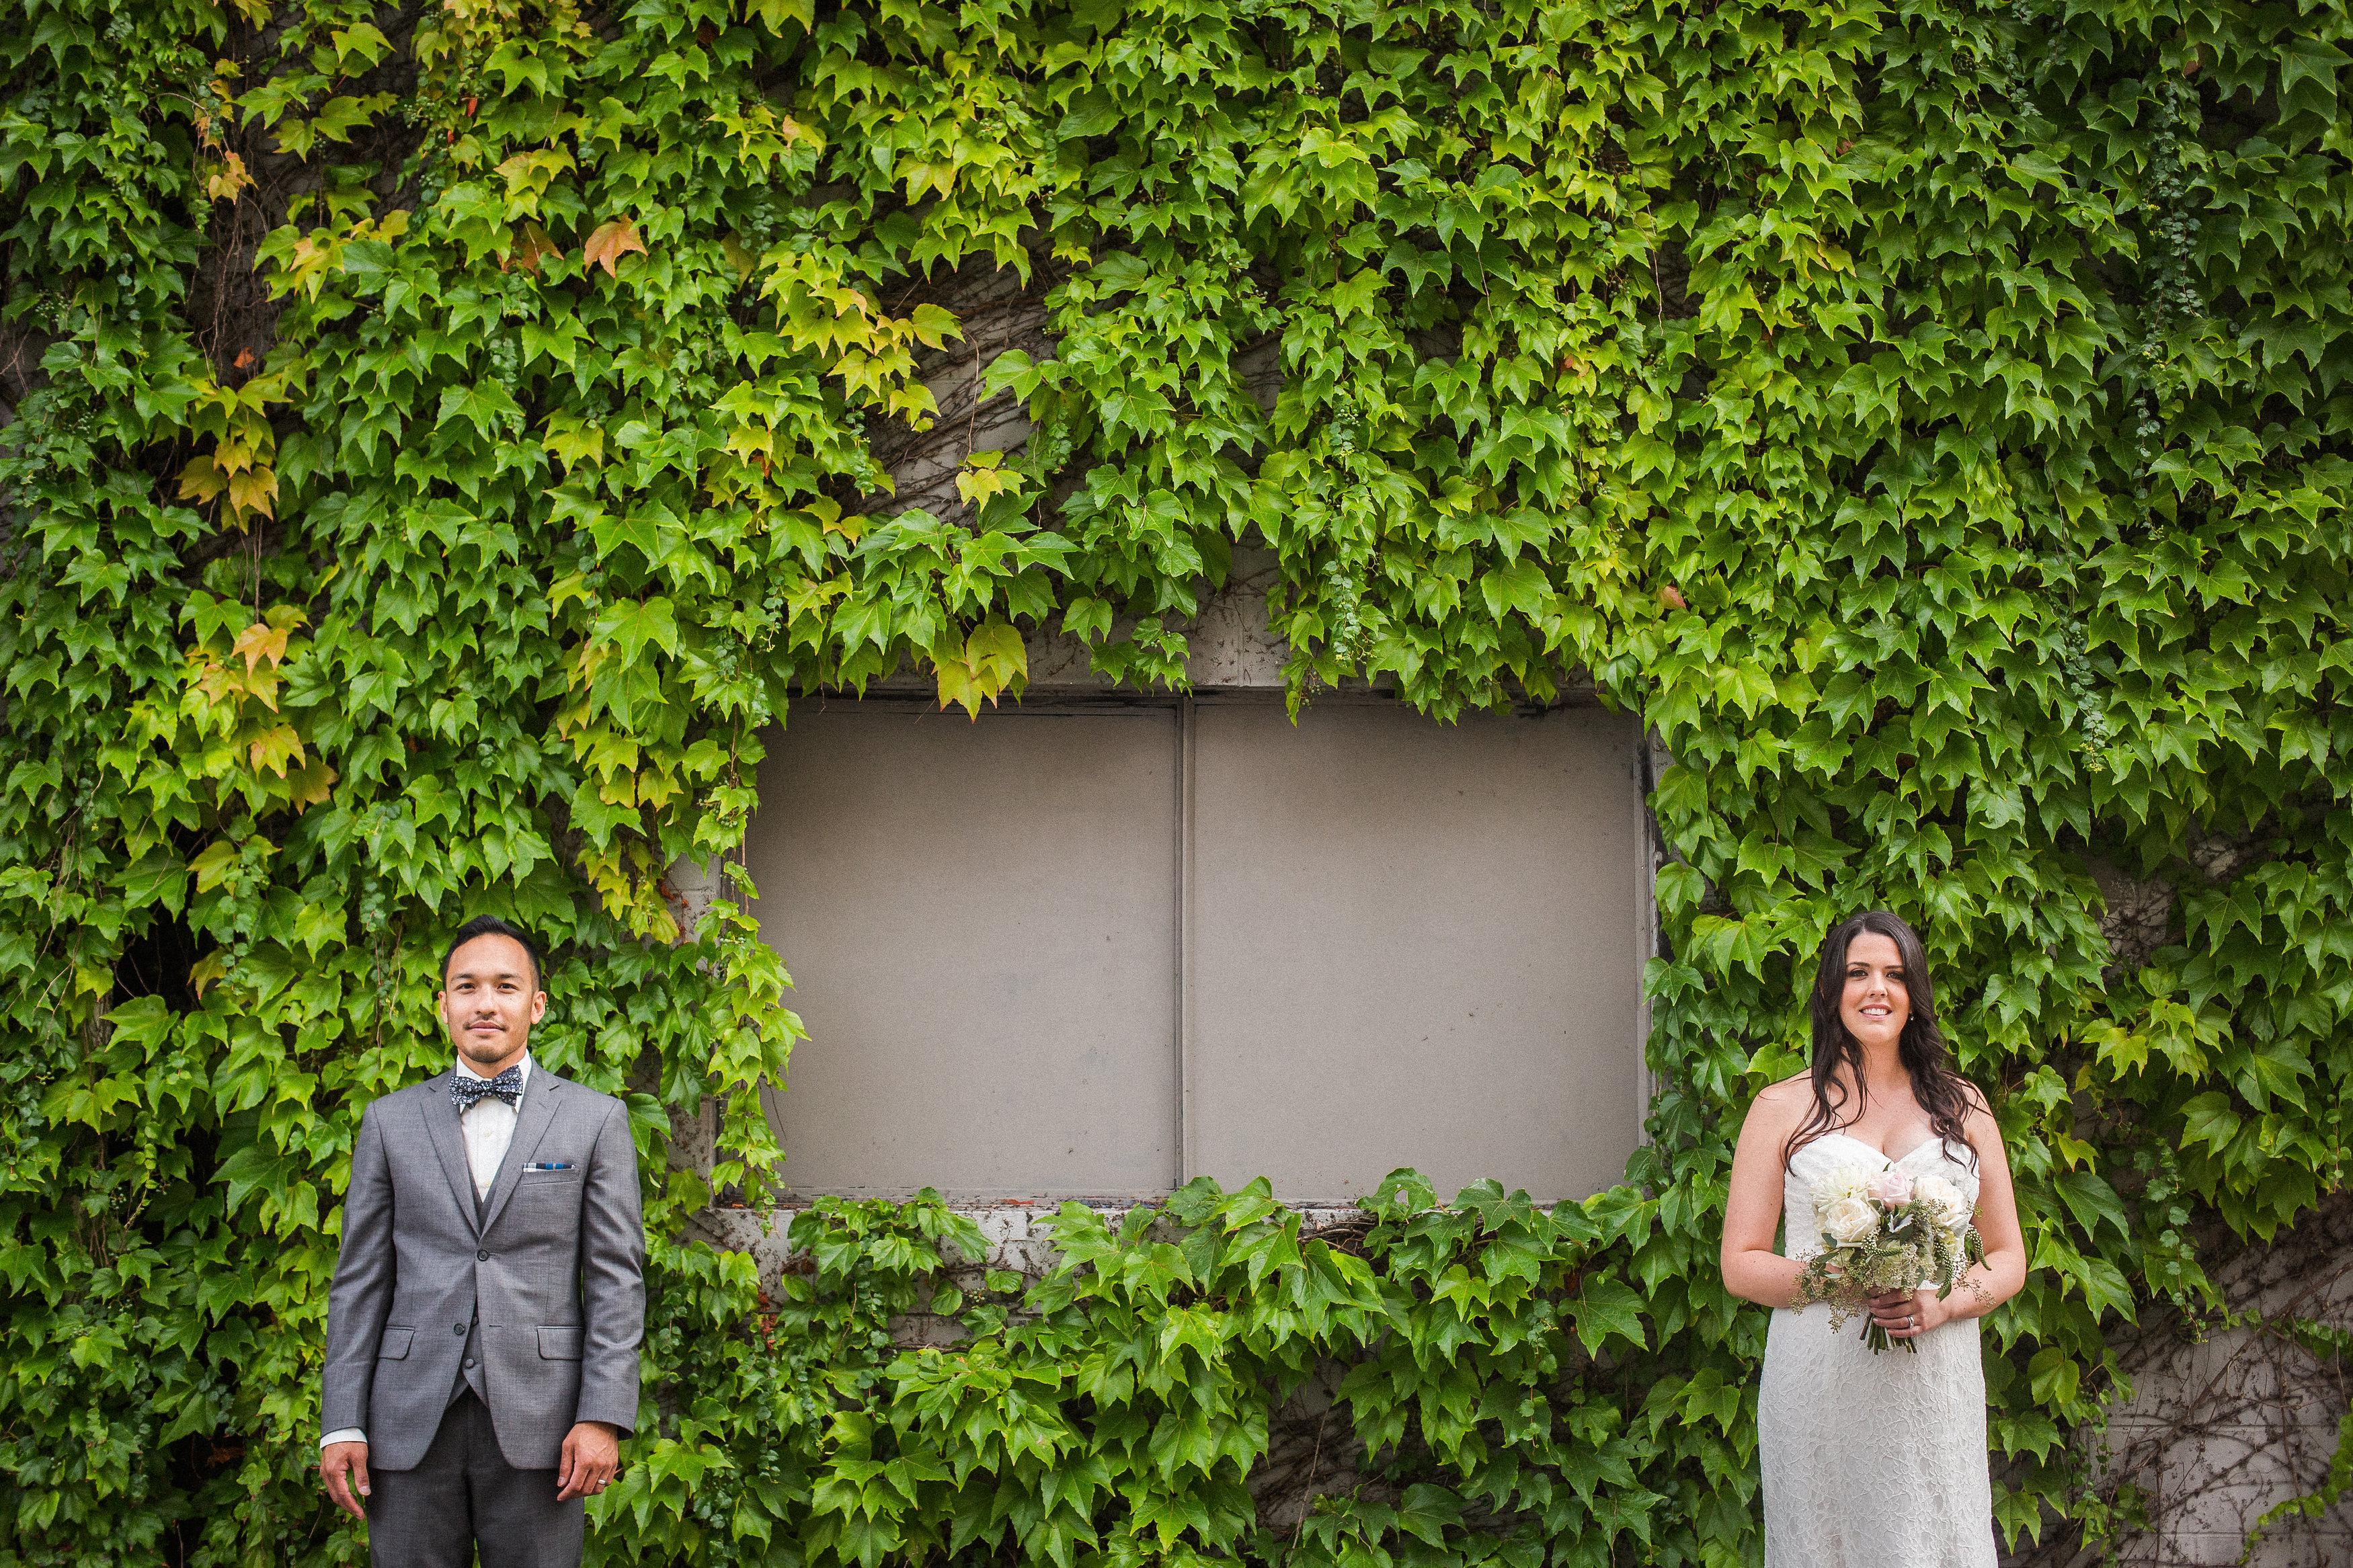 CELEBRATION PAVILION WEDDING – JACKEE & JOHN